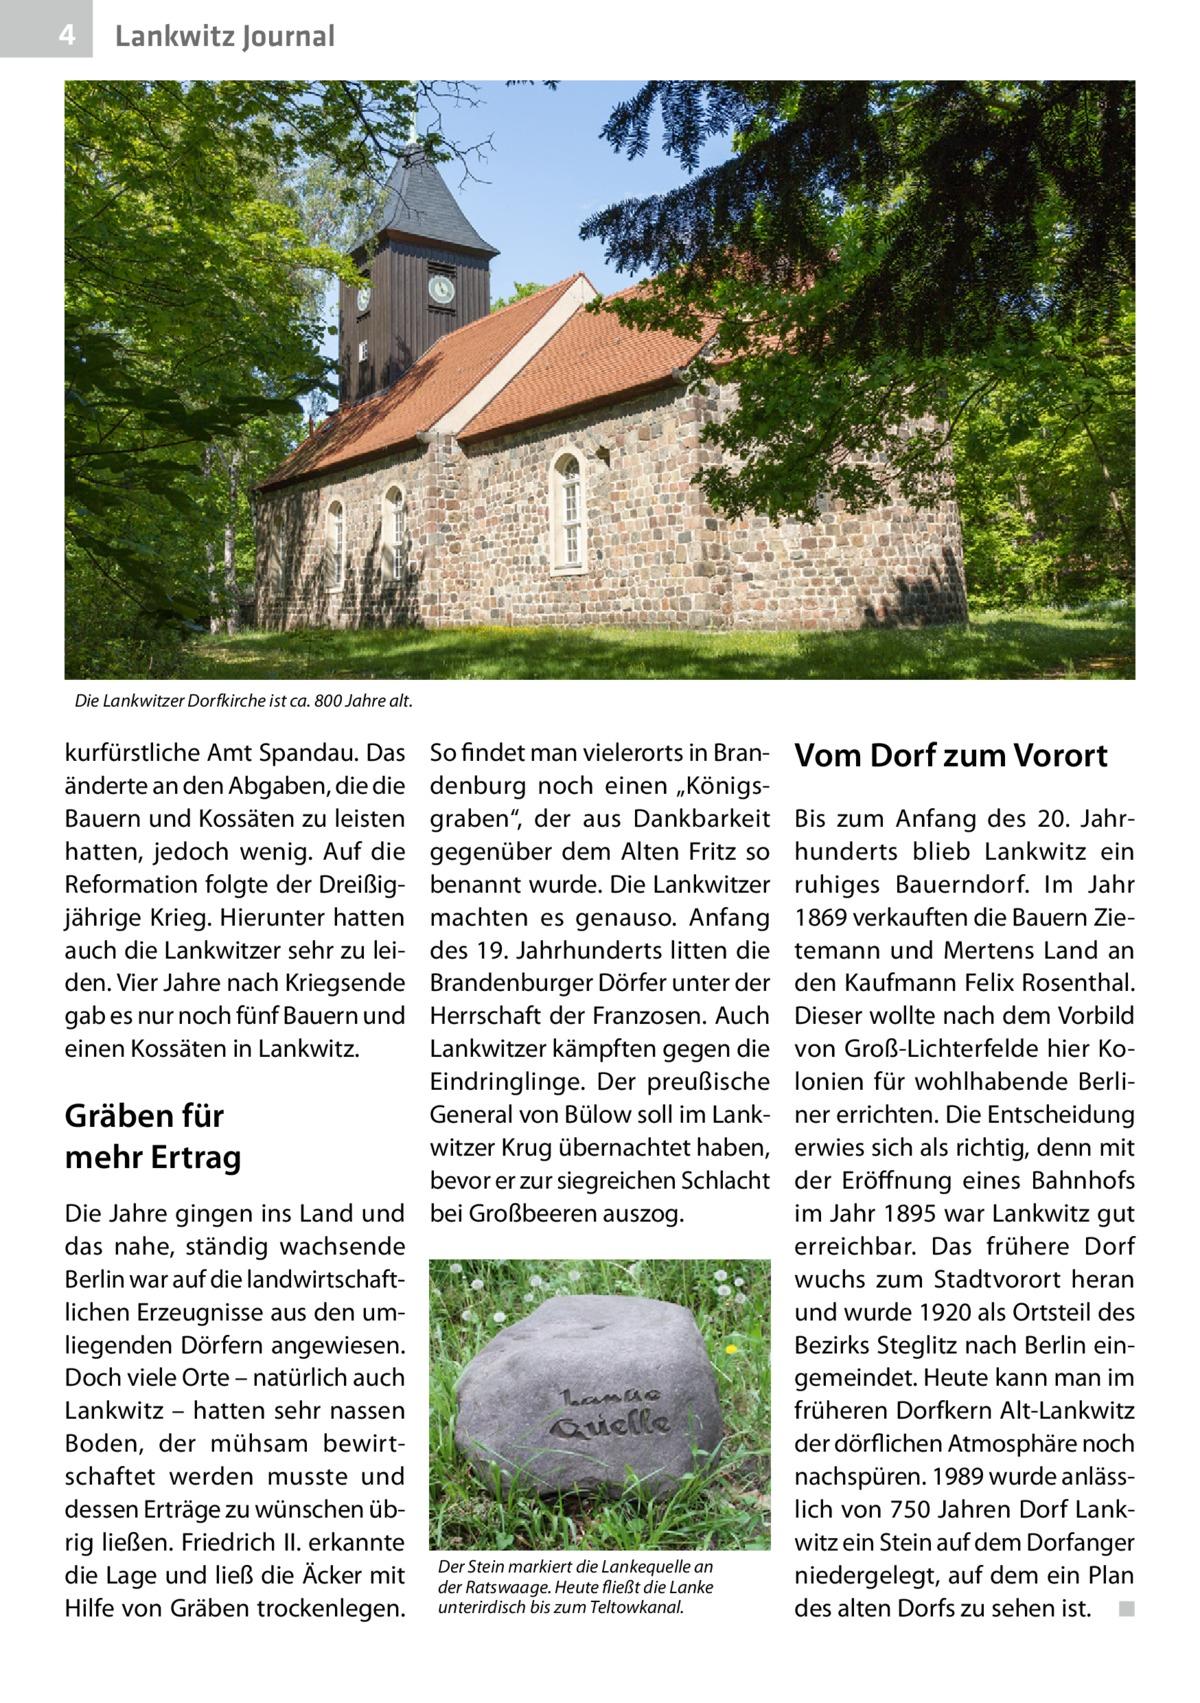 """4  Lankwitz Journal  Die Lankwitzer Dorfkirche ist ca. 800 Jahre alt.  kurfürstliche Amt Spandau. Das änderte an den Abgaben, die die Bauern und Kossäten zu leisten hatten, jedoch wenig. Auf die Reformation folgte der Dreißigjährige Krieg. Hierunter hatten auch die Lankwitzer sehr zu leiden. Vier Jahre nach Kriegsende gab es nur noch fünf Bauern und einen Kossäten in Lankwitz.  So findet man vielerorts in Brandenburg noch einen """"Königsgraben"""", der aus Dankbarkeit gegenüber dem Alten Fritz so benannt wurde. Die Lankwitzer machten es genauso. Anfang des 19.Jahrhunderts litten die Brandenburger Dörfer unter der Herrschaft der Franzosen. Auch Lankwitzer kämpften gegen die Eindringlinge. Der preußische General von Bülow soll im LankGräben für witzer Krug übernachtet haben, mehr Ertrag bevor er zur siegreichen Schlacht Die Jahre gingen ins Land und bei Großbeeren auszog. das nahe, ständig wachsende Berlin war auf die landwirtschaftlichen Erzeugnisse aus den umliegenden Dörfern angewiesen. Doch viele Orte – natürlich auch Lankwitz – hatten sehr nassen Boden, der mühsam bewirtschaftet werden musste und dessen Erträge zu wünschen übrig ließen. FriedrichII. erkannte Stein markiert die Lankequelle an die Lage und ließ die Äcker mit Der der Ratswaage. Heute fließt die Lanke unterirdisch bis zum Teltowkanal. Hilfe von Gräben trockenlegen.  Vom Dorf zum Vorort Bis zum Anfang des 20. Jahrhunderts blieb Lankwitz ein ruhiges Bauerndorf. Im Jahr 1869 verkauften die Bauern Zietemann und Mertens Land an den Kaufmann Felix Rosenthal. Dieser wollte nach dem Vorbild von Groß-Lichterfelde hier Kolonien für wohlhabende Berliner errichten. Die Entscheidung erwies sich als richtig, denn mit der Eröffnung eines Bahnhofs im Jahr 1895 war Lankwitz gut erreichbar. Das frühere Dorf wuchs zum Stadtvorort heran und wurde 1920 als Ortsteil des Bezirks Steglitz nach Berlin eingemeindet. Heute kann man im früheren Dorfkern Alt-Lankwitz der dörflichen Atmosphäre noch nachspüren. 1989 wurde anlässlich vo"""